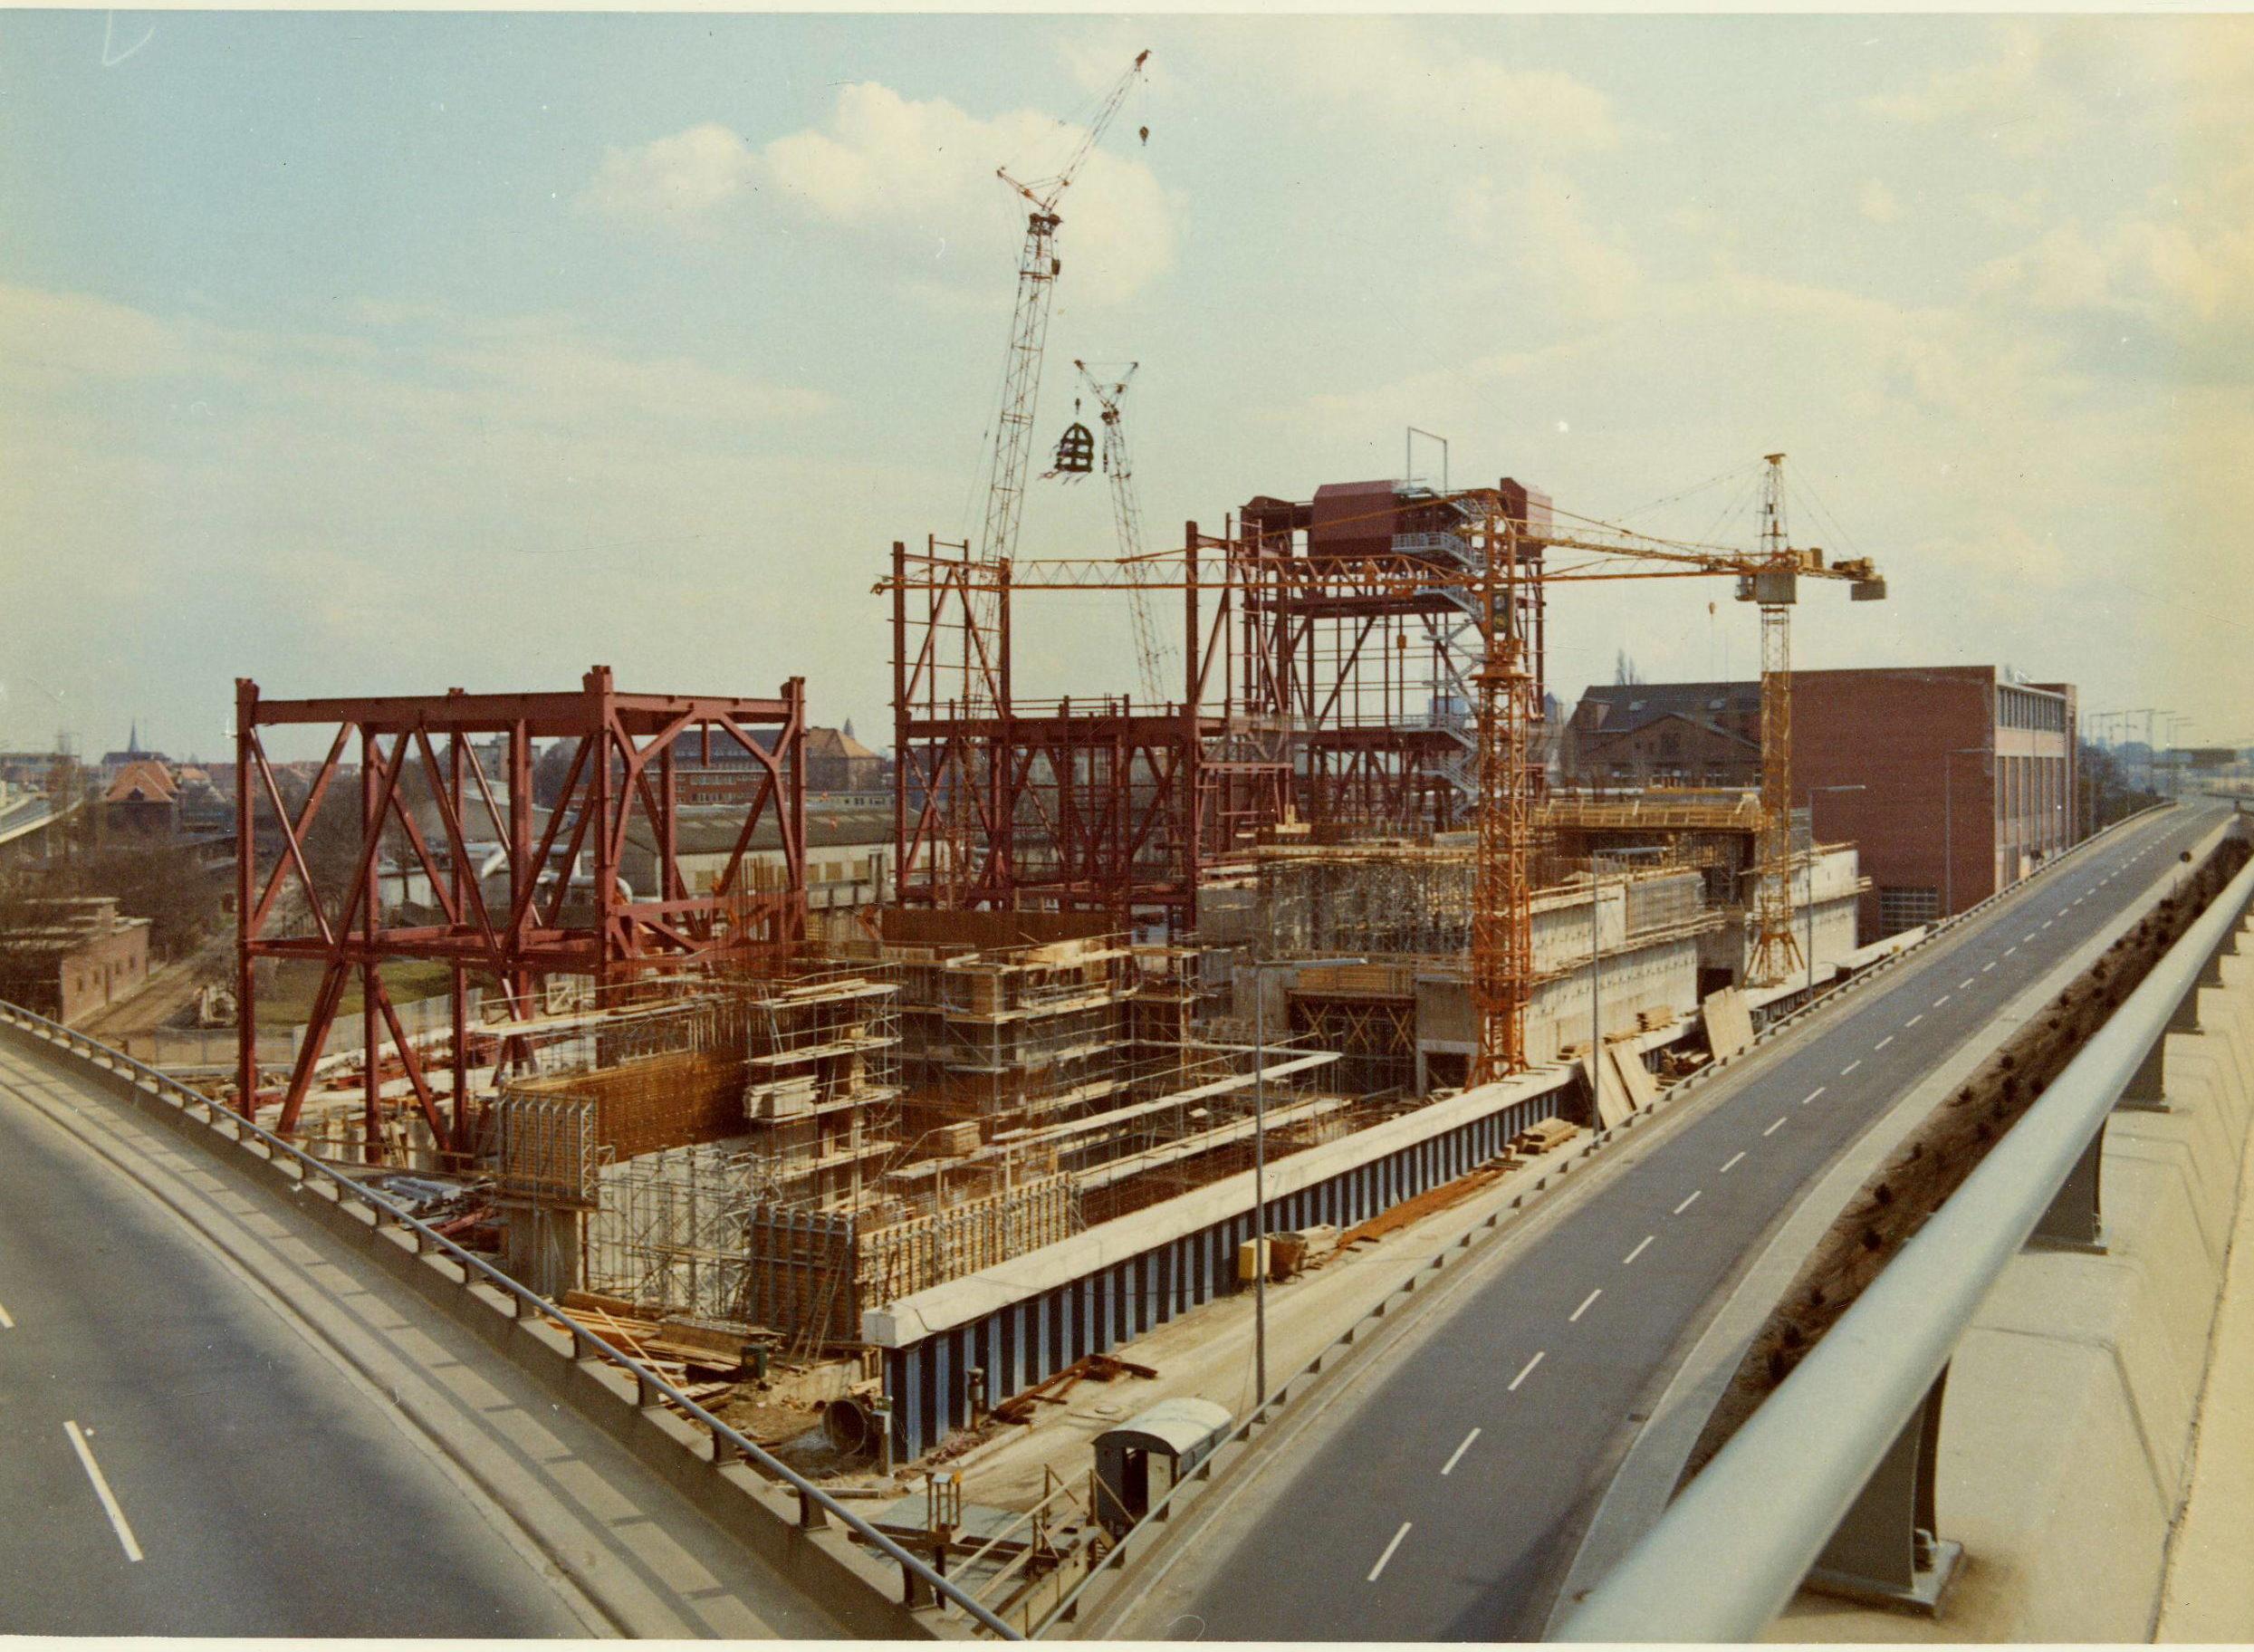 Aufziehen der Richtkrone, 1975. Foto: Vattenfall/Bewag Archiv